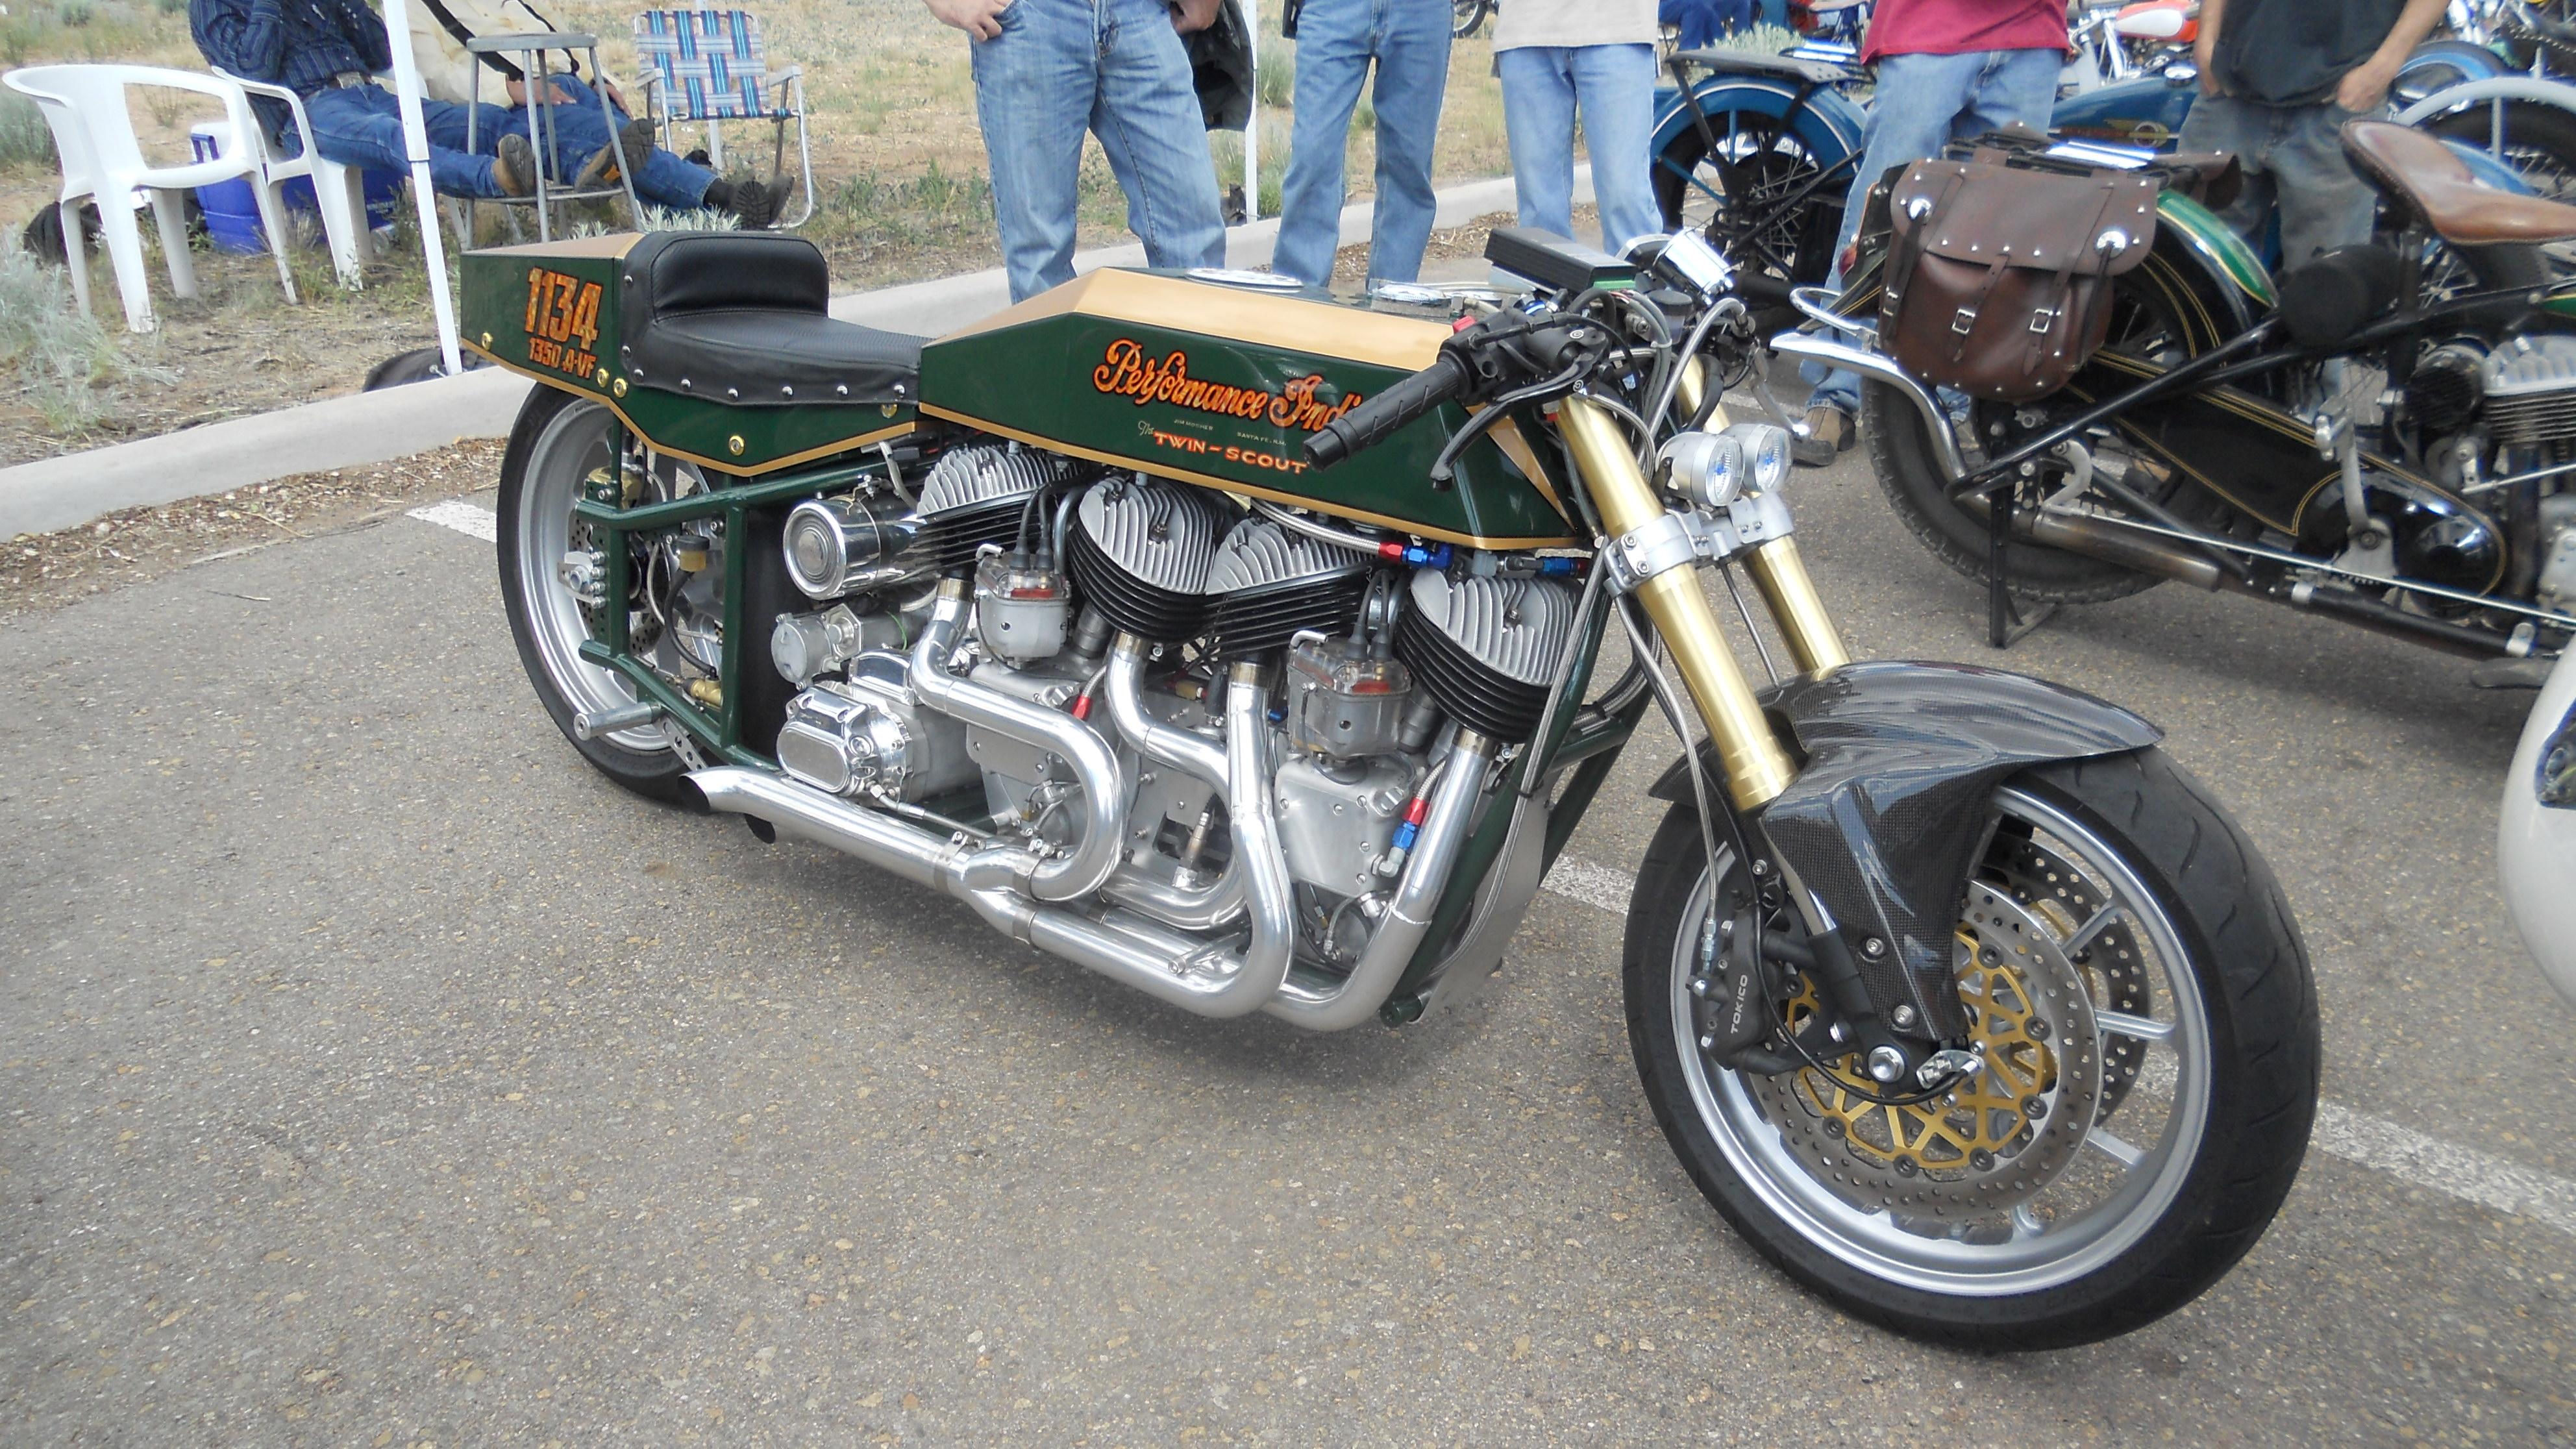 eld0rado motorcycle show june 2012 001.JPG